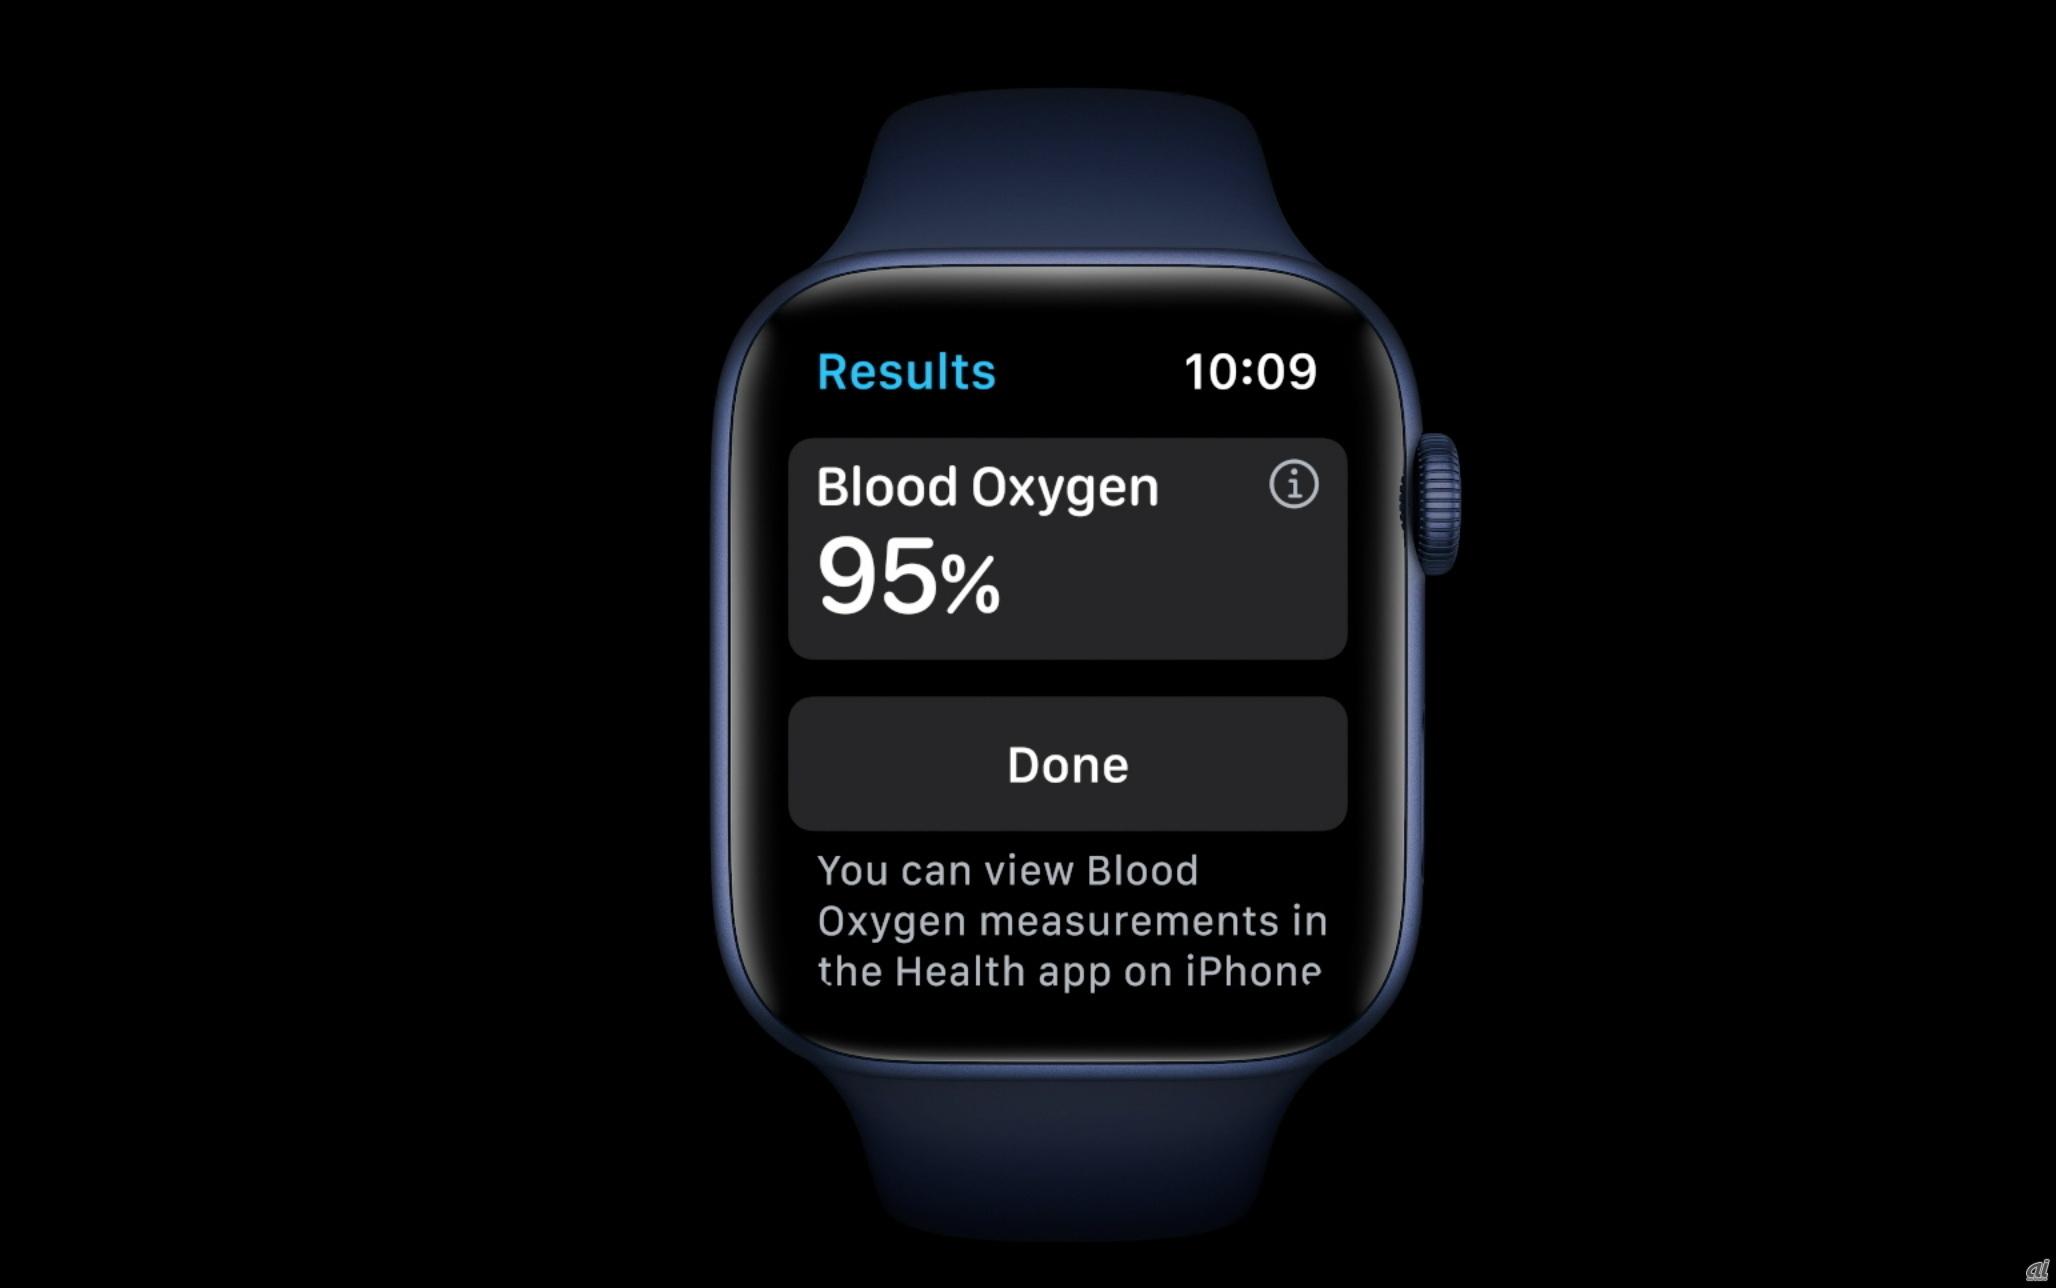 血中酸素濃度を測定できるSeries 6